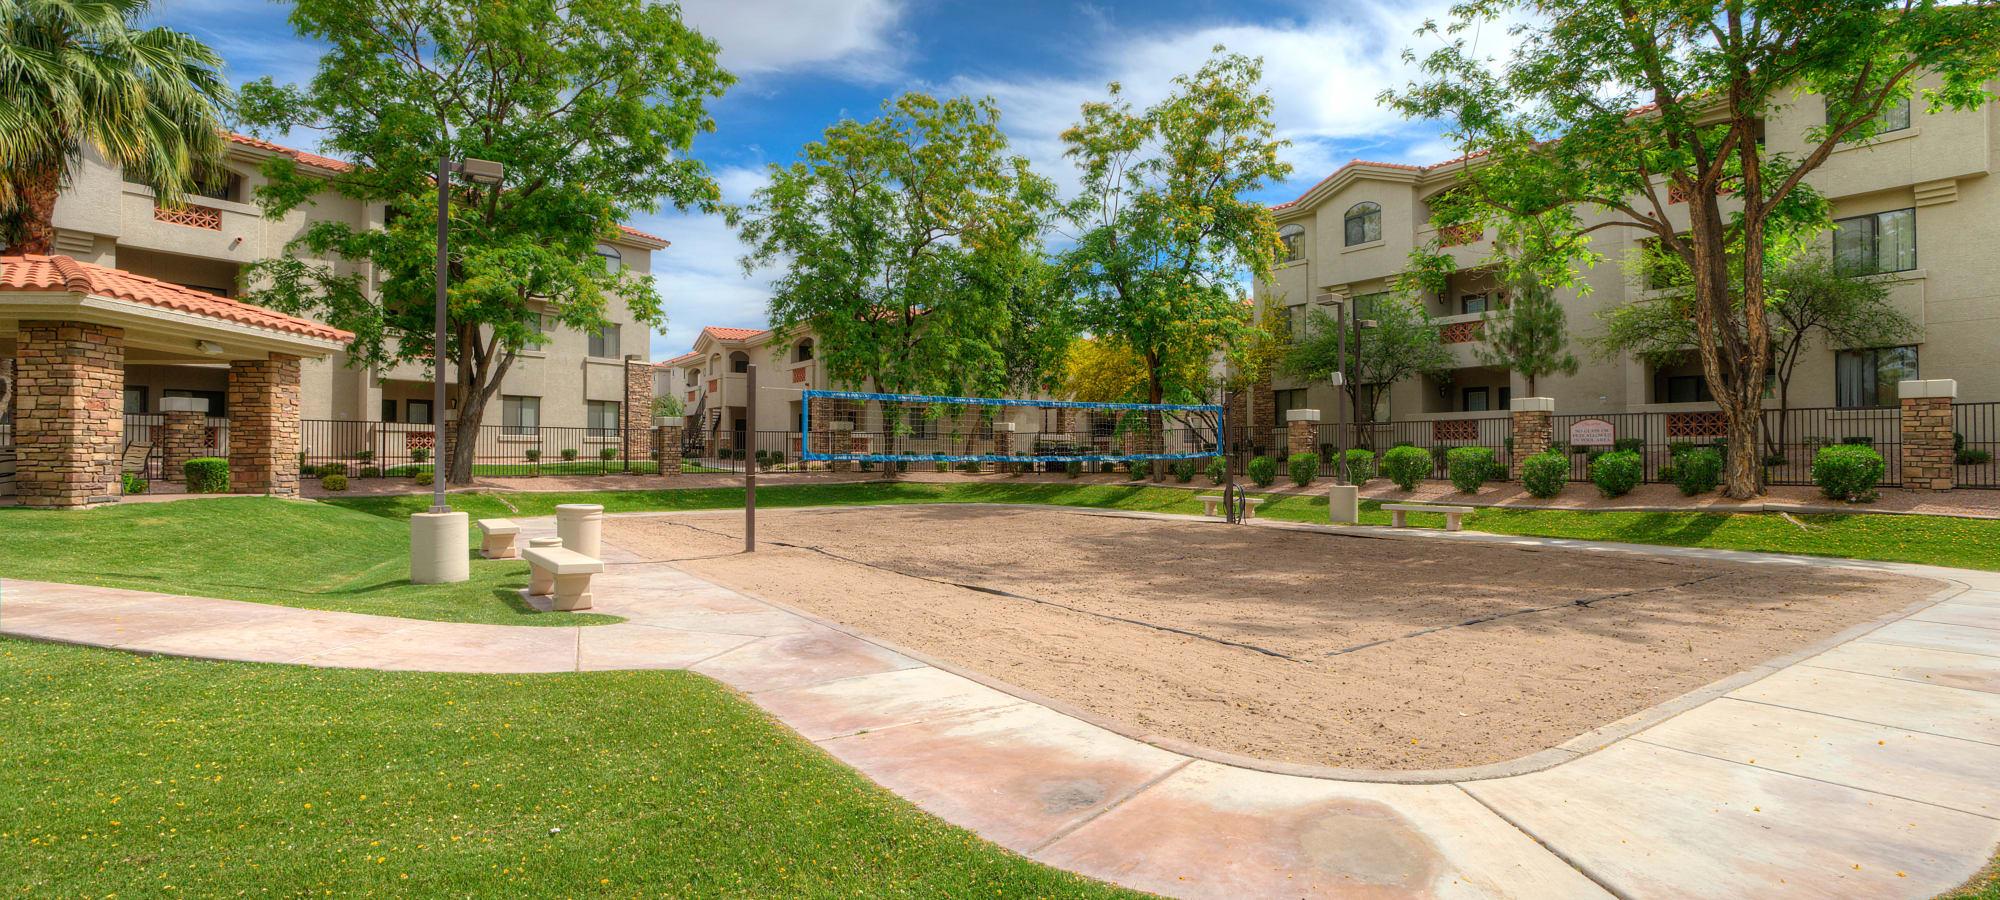 Volleyball court at San Hacienda in Chandler, Arizona